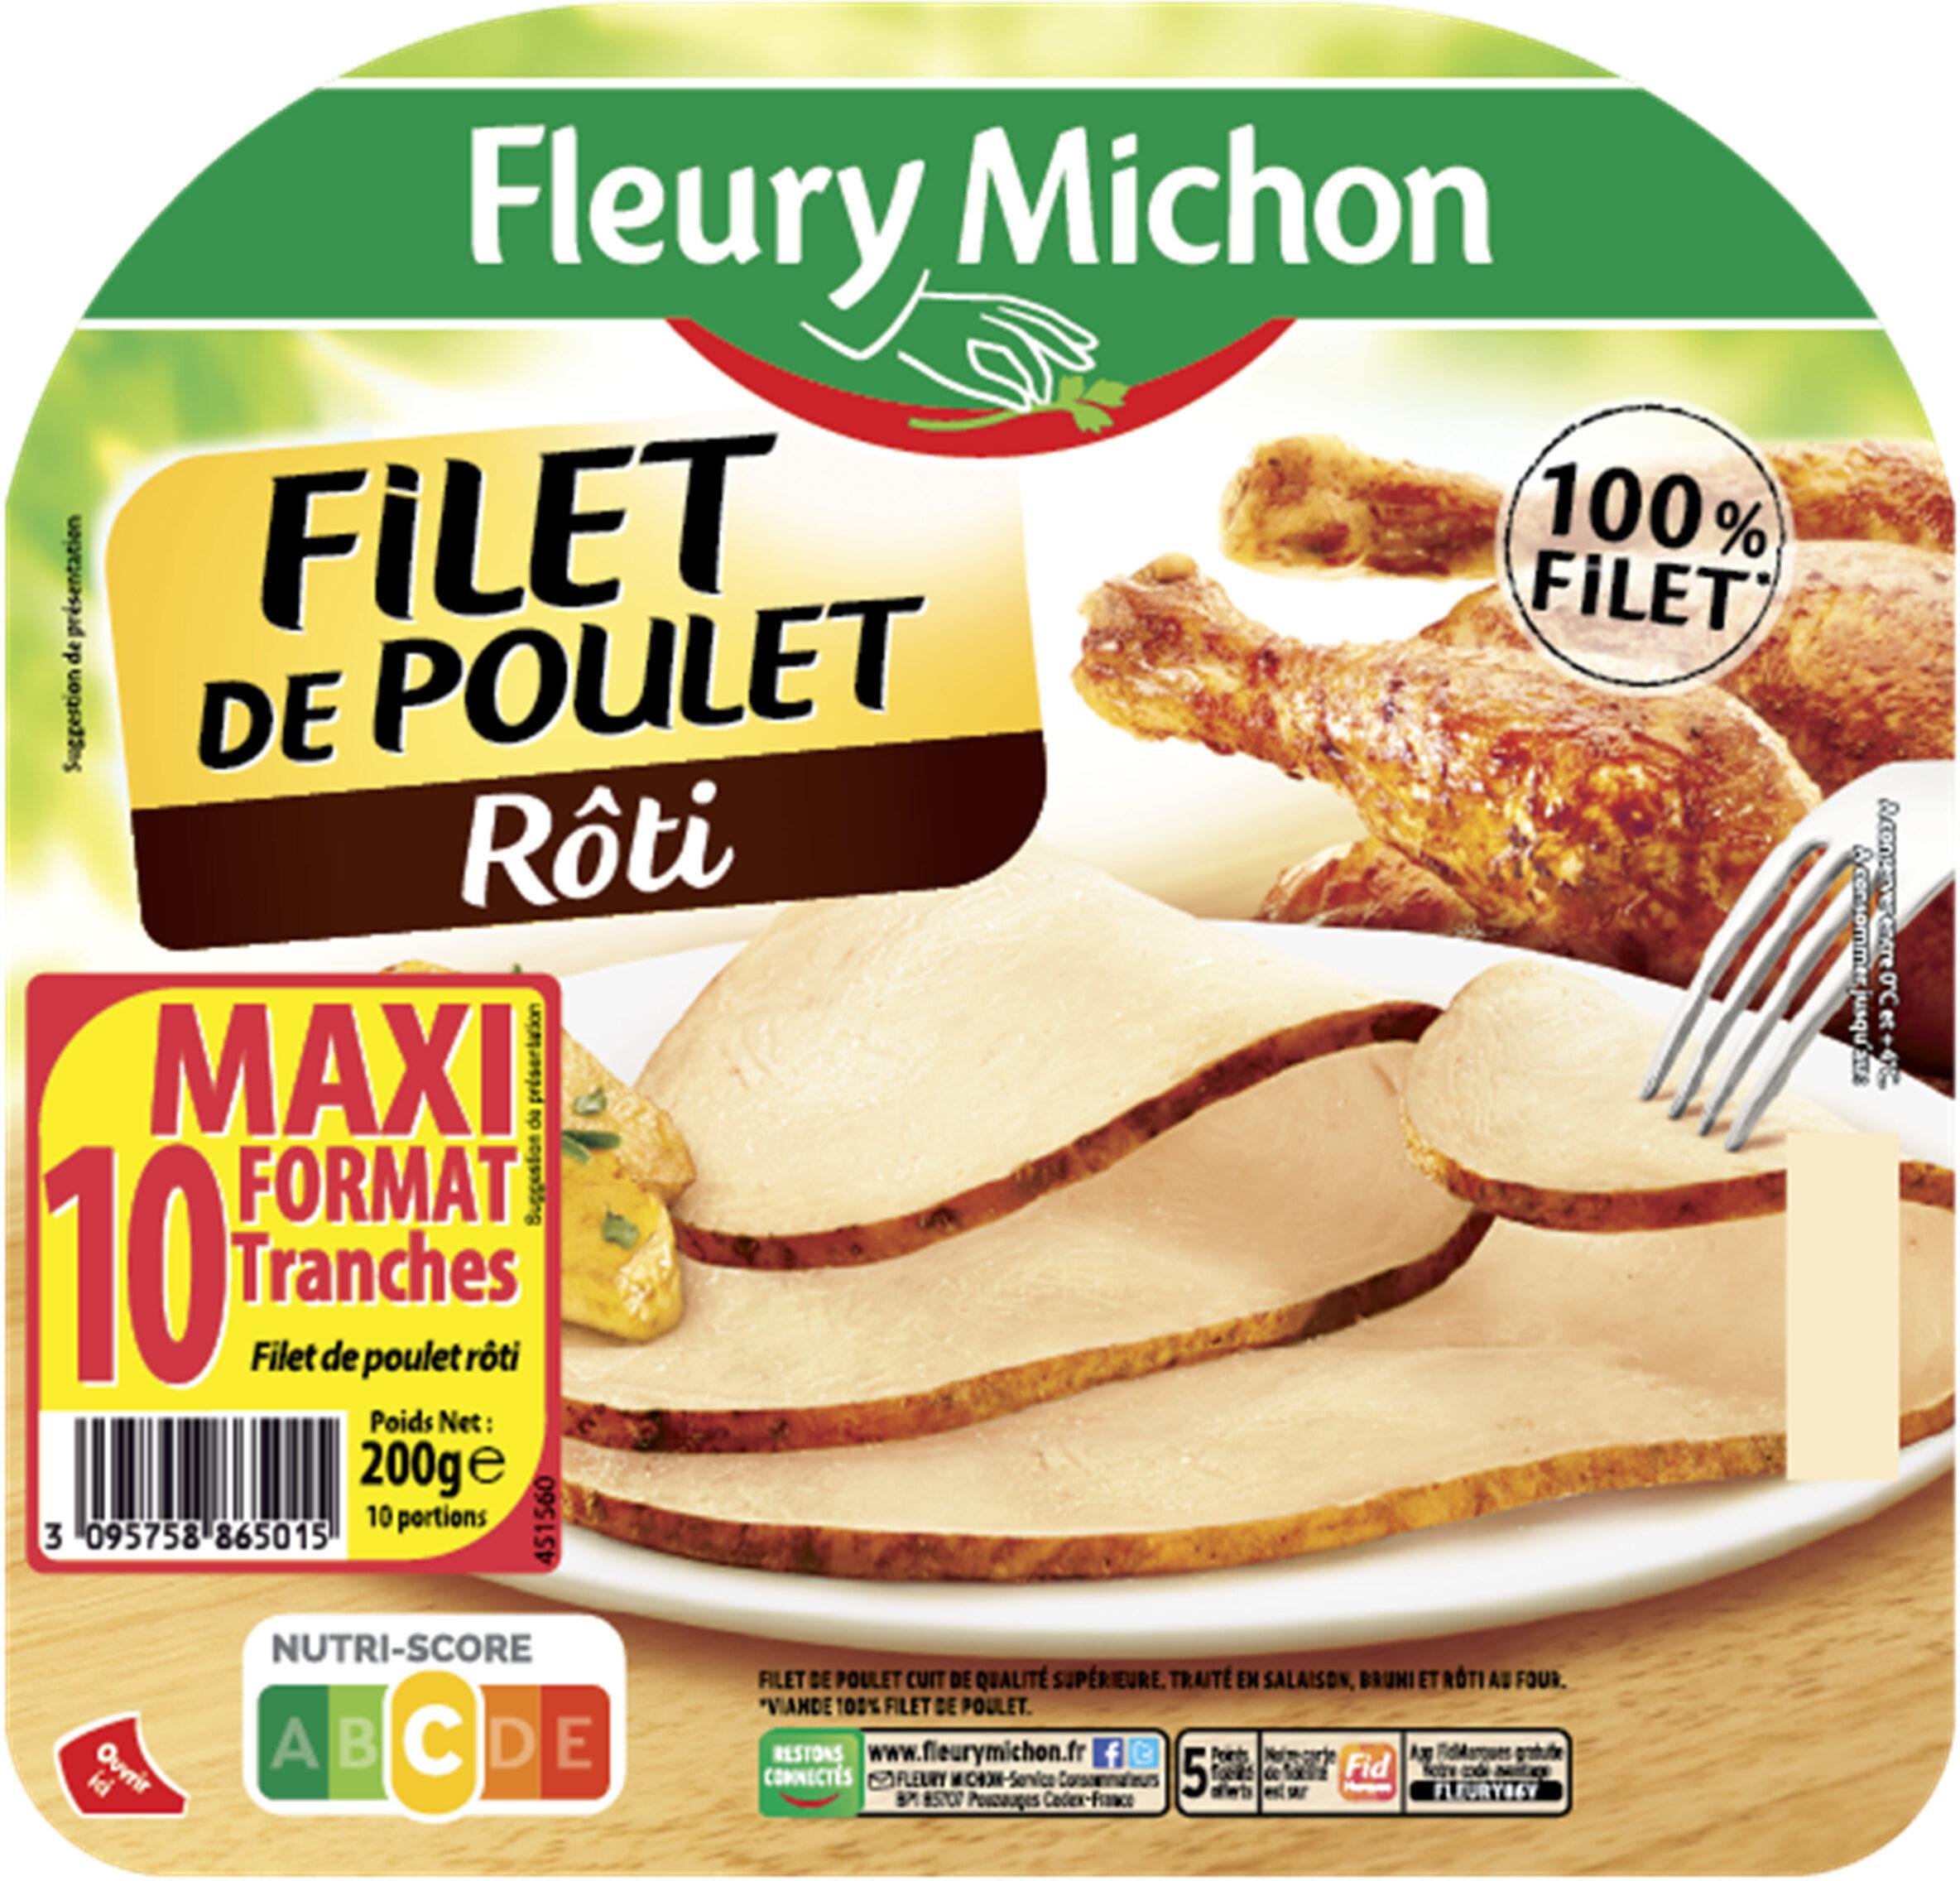 Filet de poulet rôti - 10 tr. - Product - fr